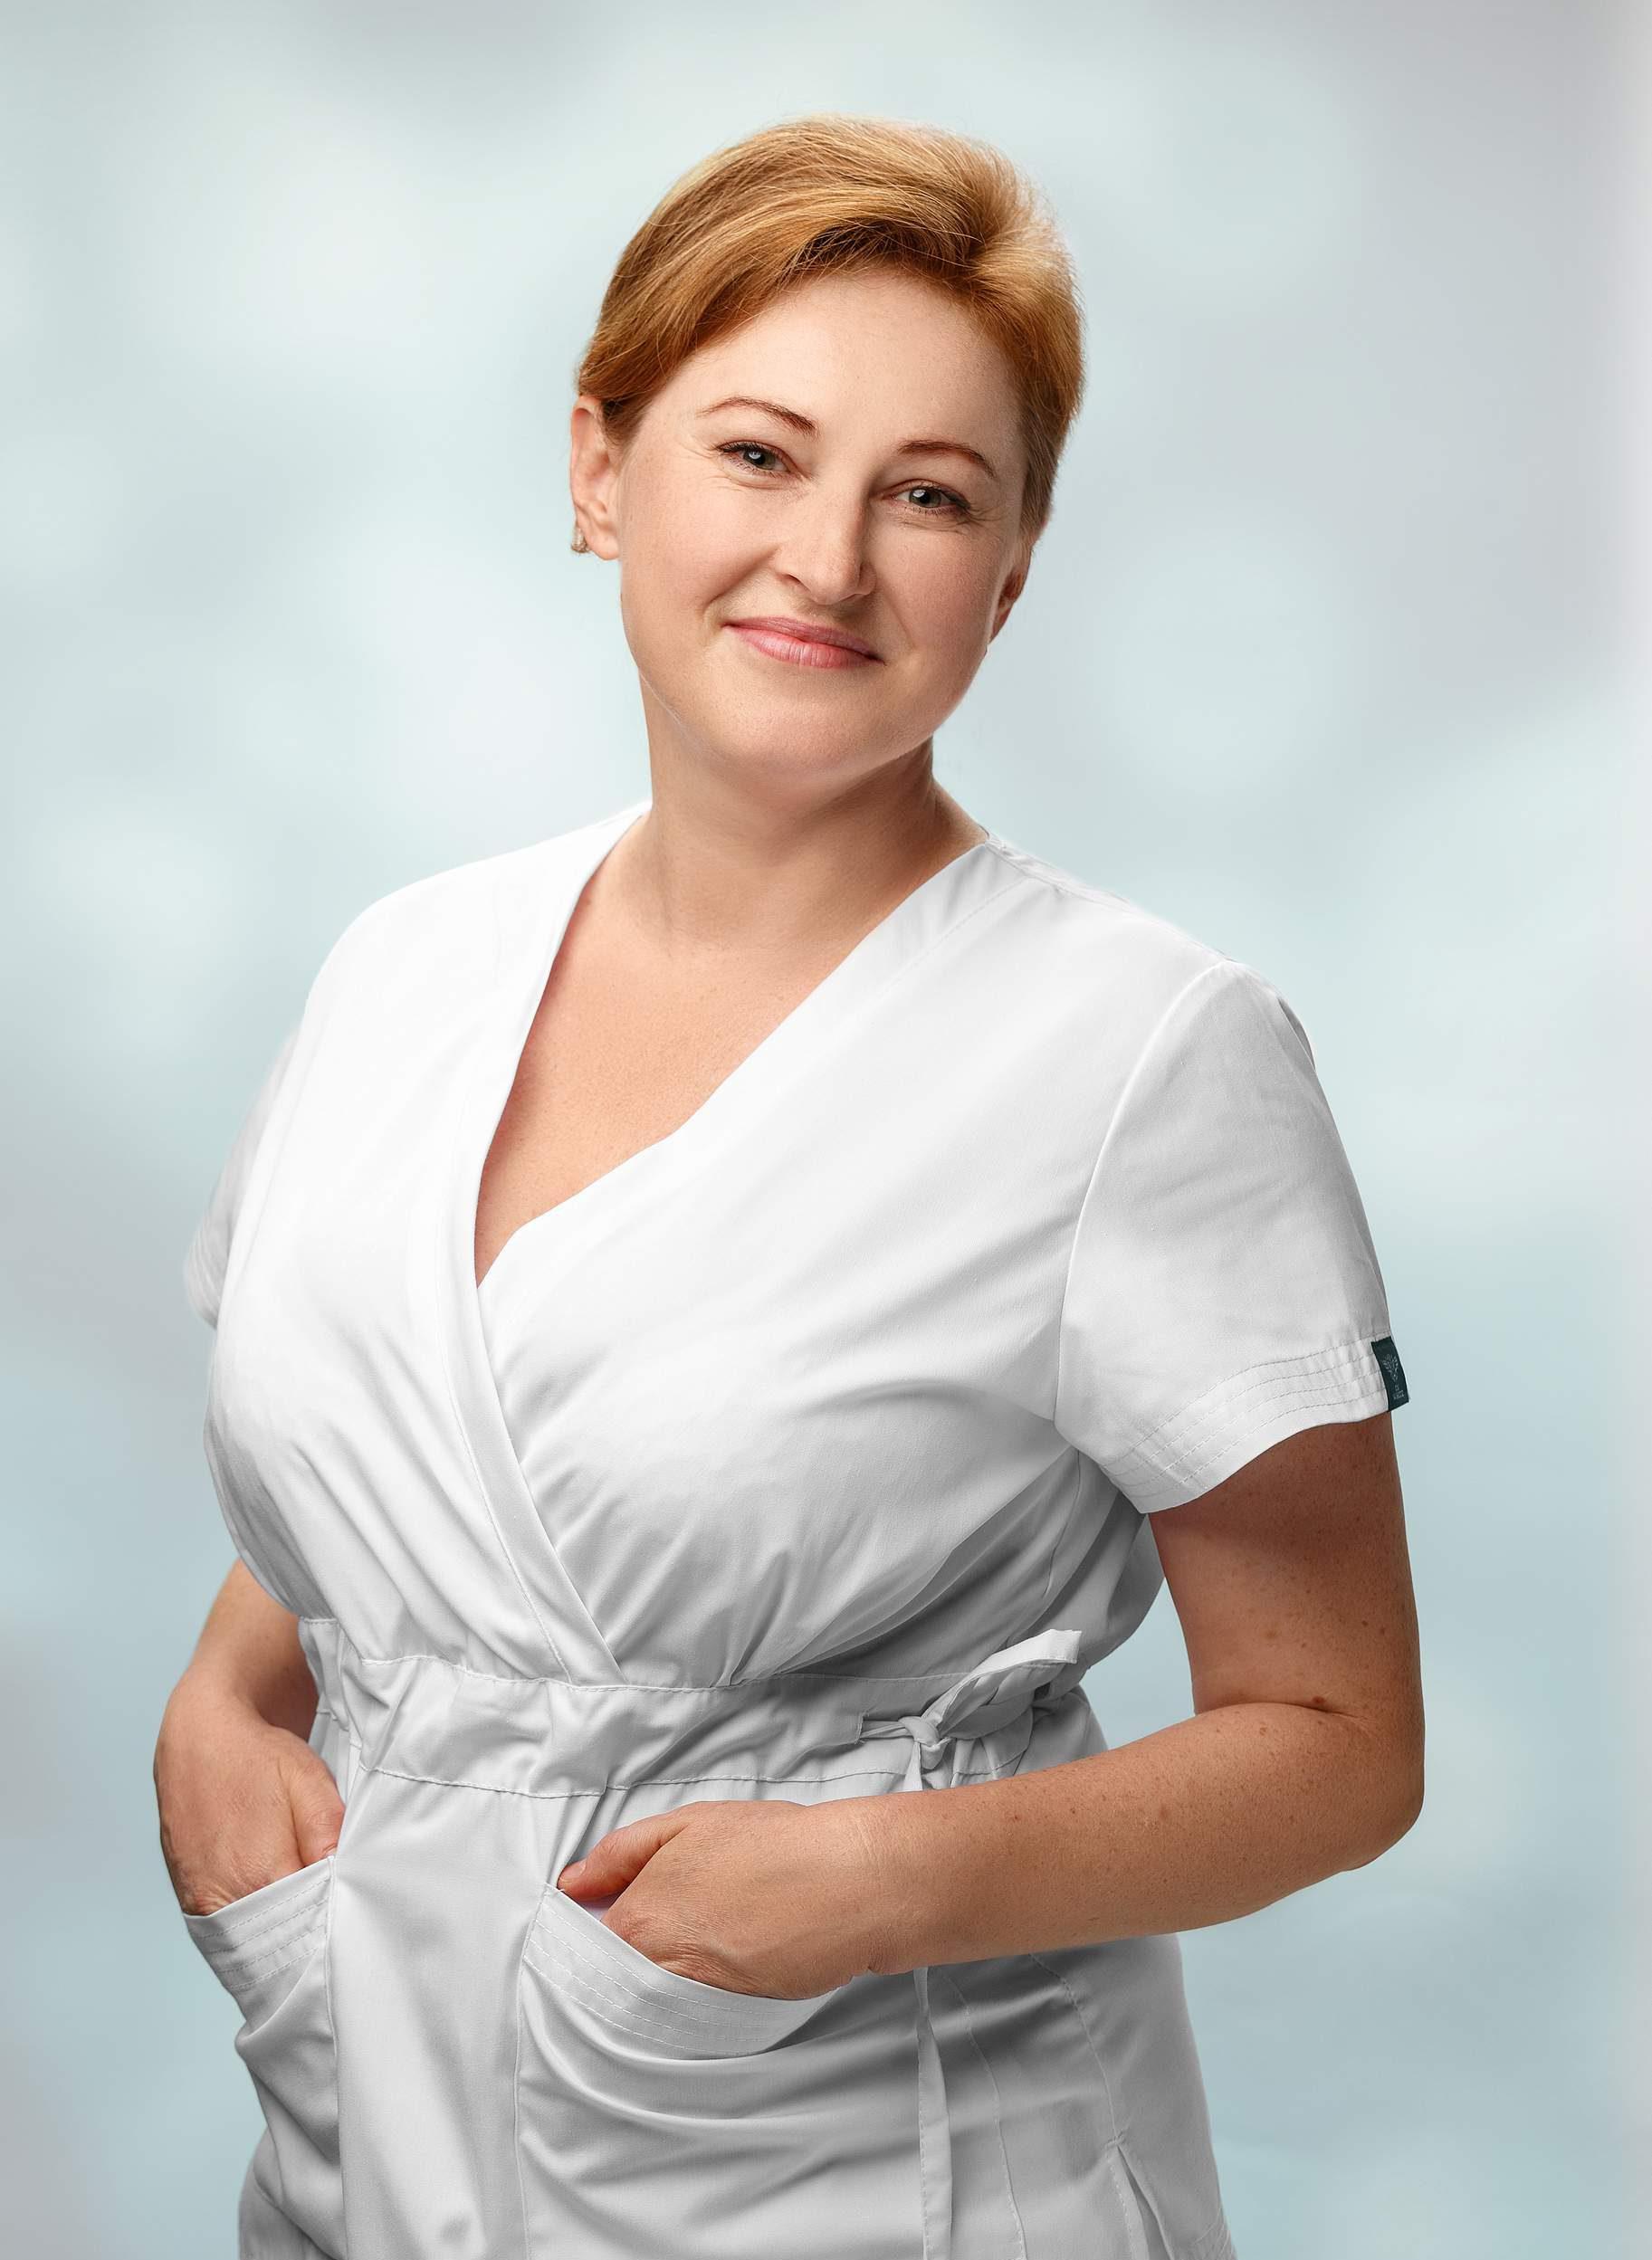 Липовецкая Татьяна Викторовна